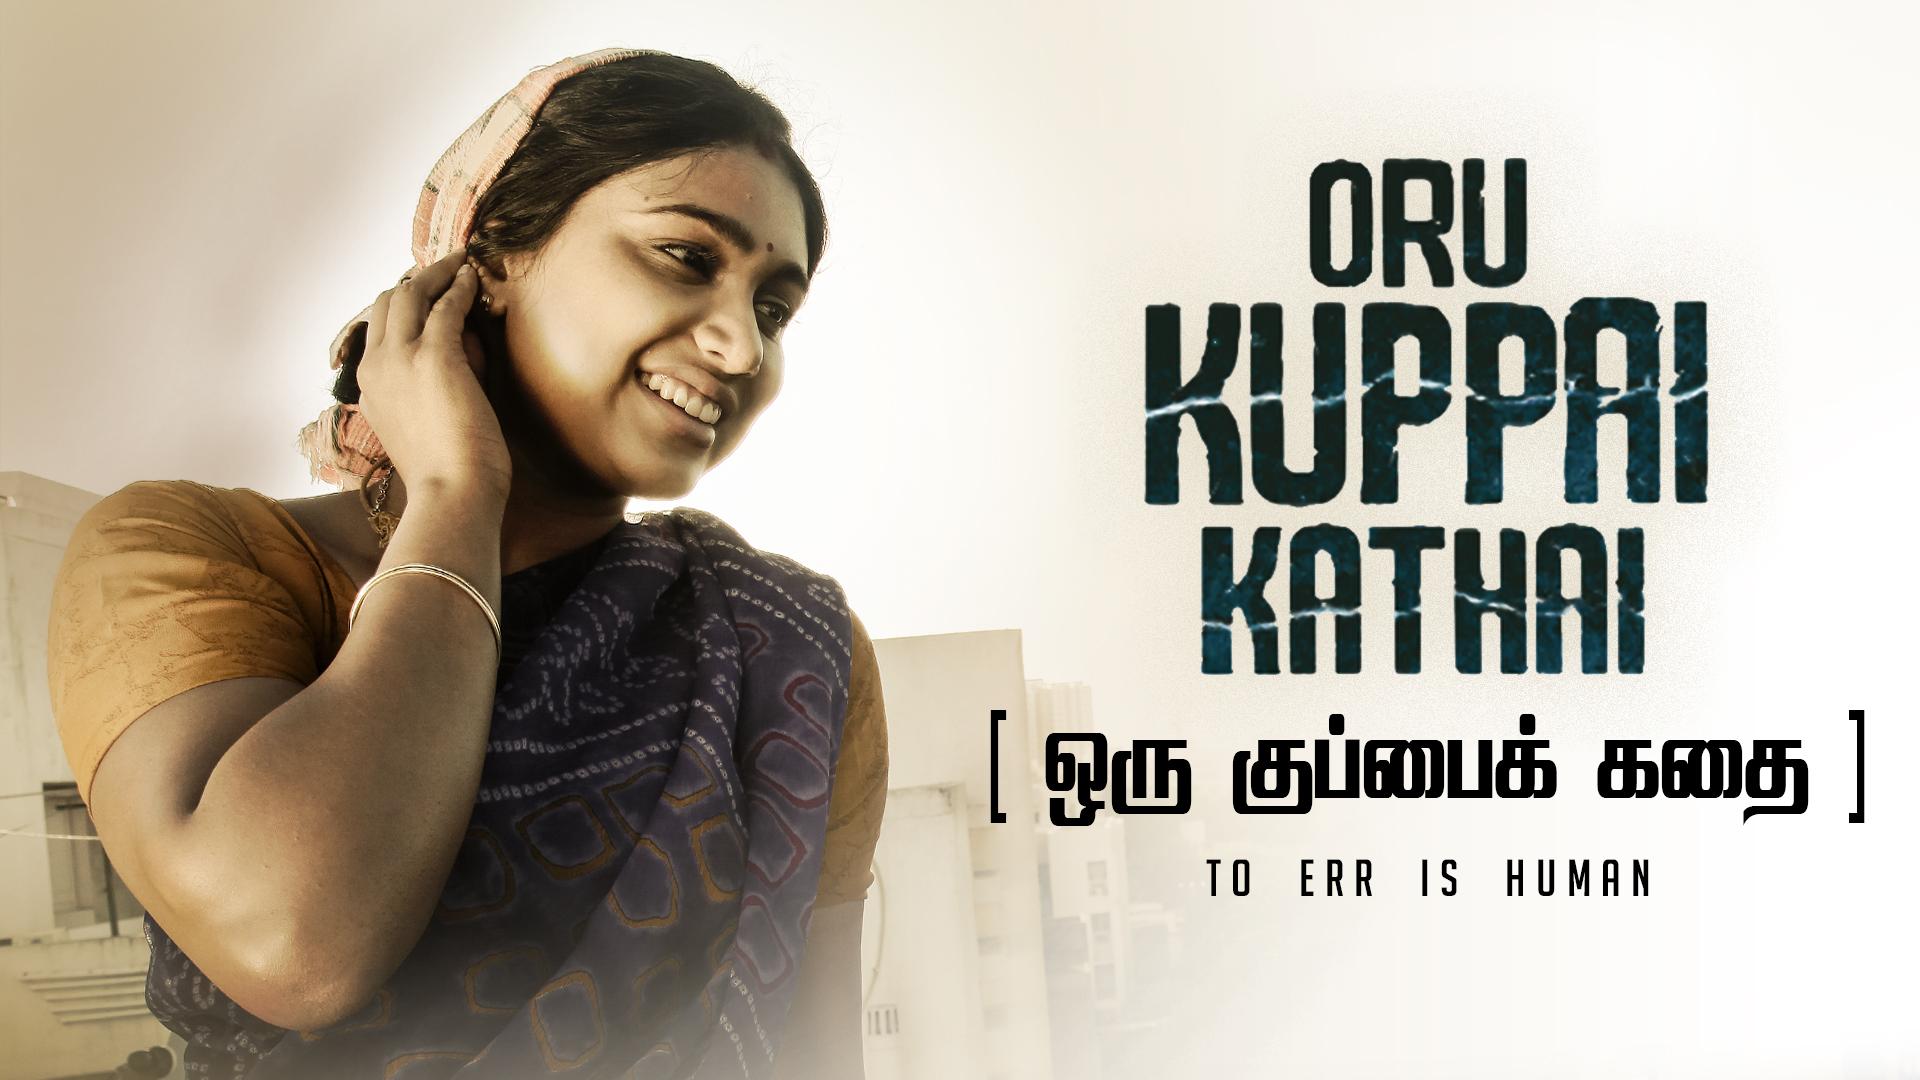 Oru Kuppai Kathai